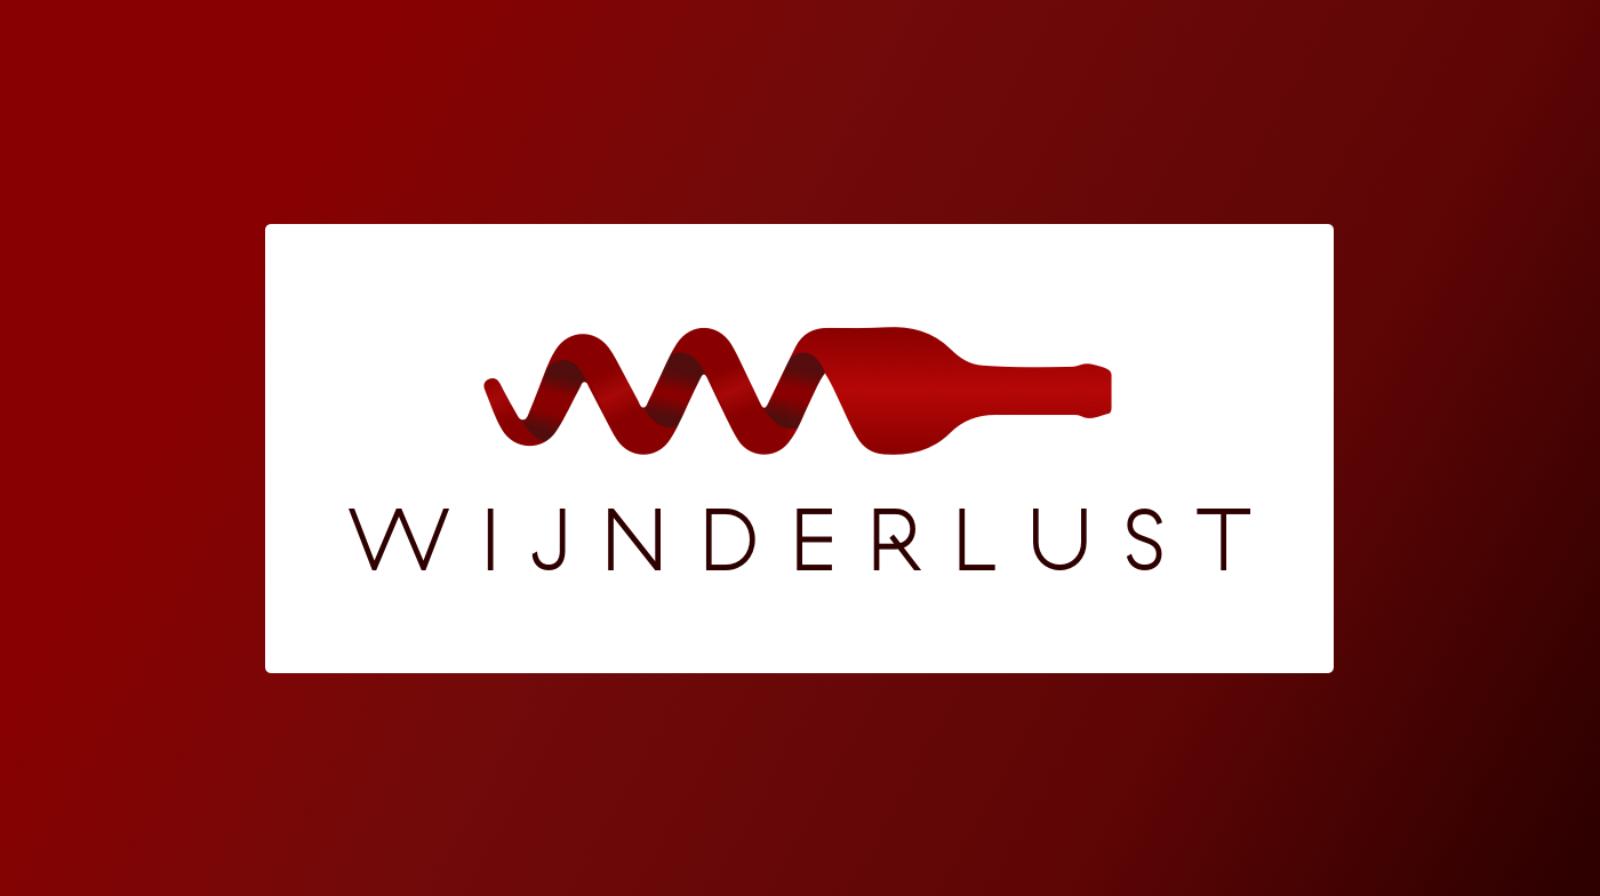 Final Logo Concept